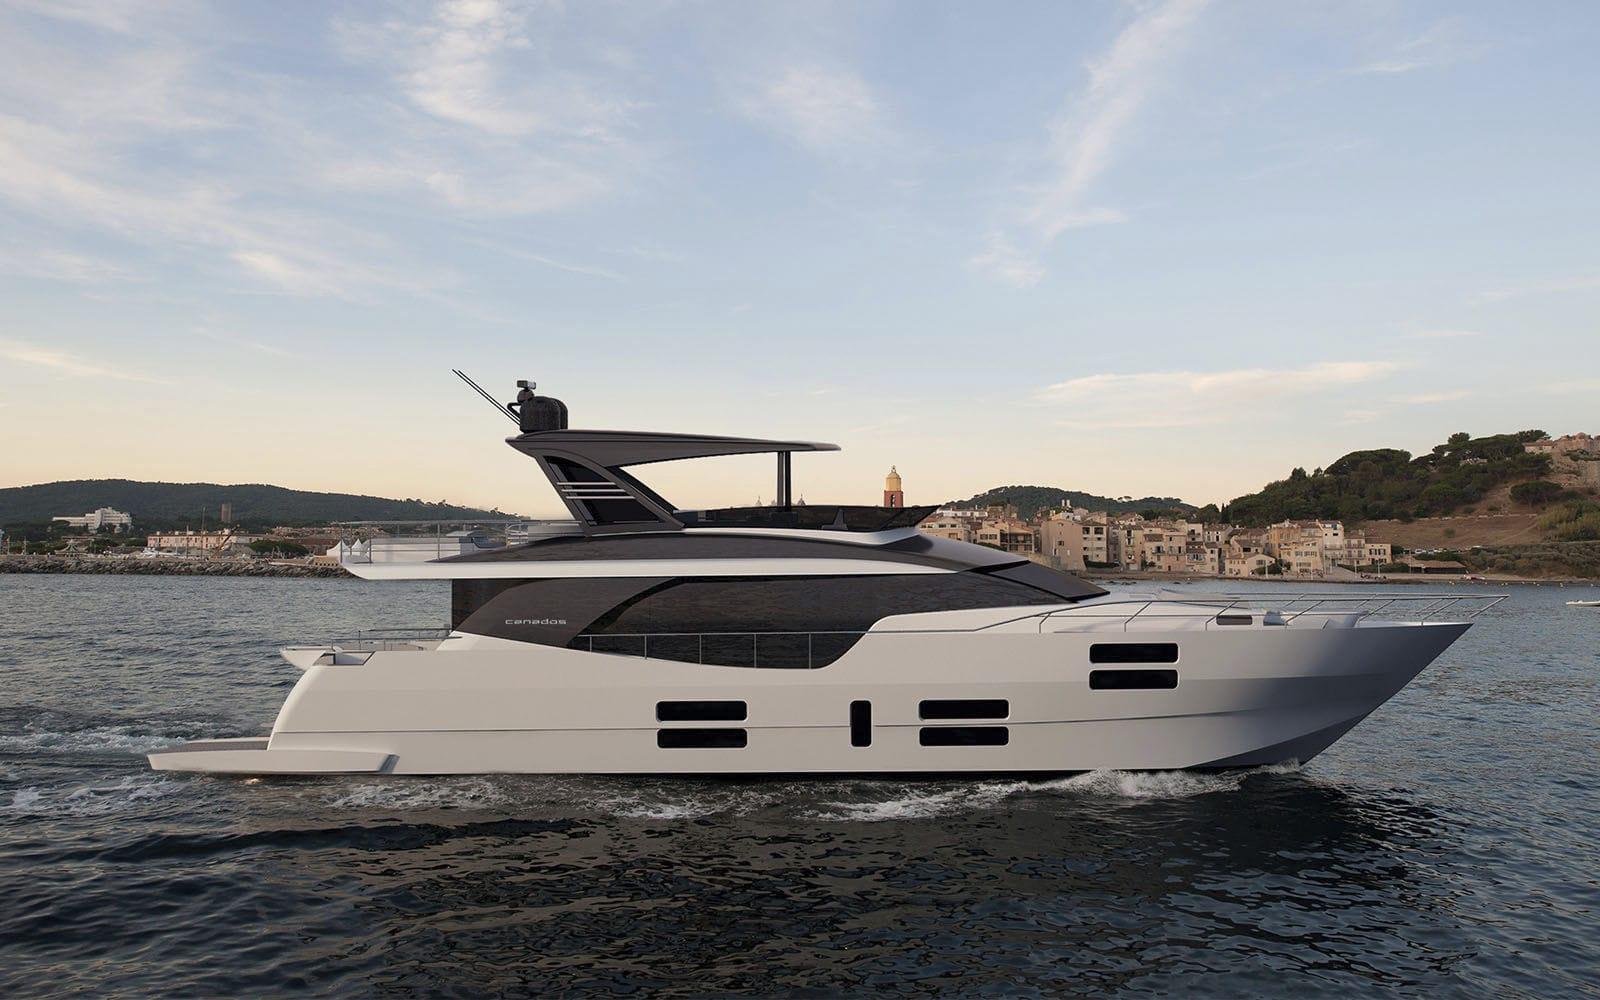 Роскошная супер яхта Canados 808 Maximus